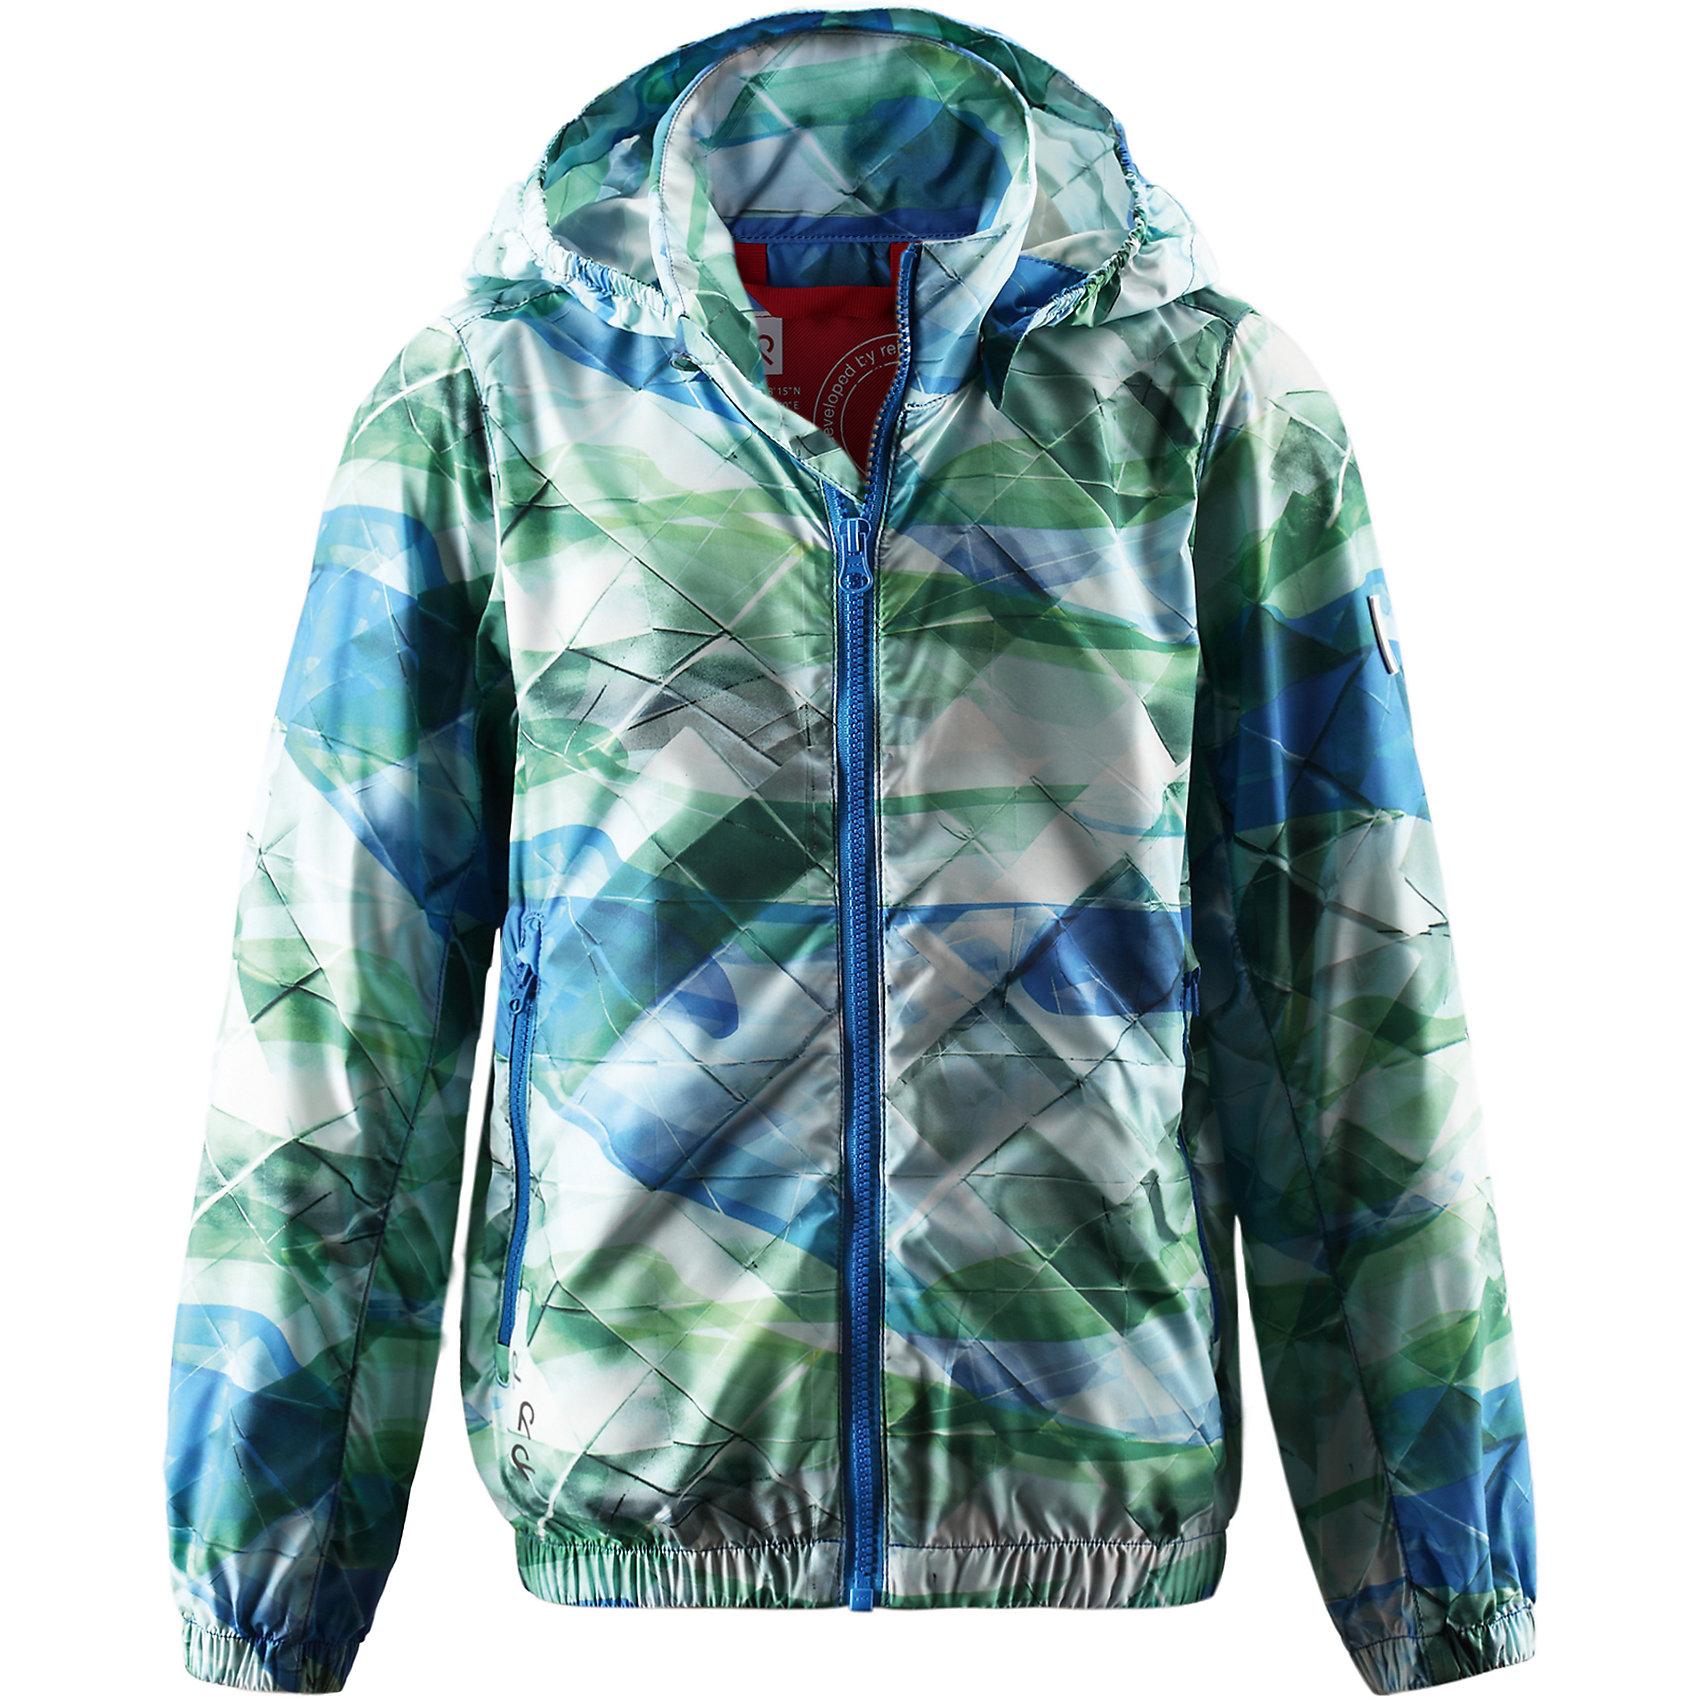 Куртка Maalaa  ReimaОдежда<br>Характеристики товара:<br><br>• цвет: зеленый<br>• состав: 100% полиэстер<br>• температурный режим: от +10°до +20°С<br>• без полкладки<br>• без утеплителя<br>• застежка: молния<br>• эластичные манжеты<br>• отстегивающийся капюшон<br>• карманы<br>• принт<br>• комфортная посадка<br>• страна производства: Китай<br>• страна бренда: Финляндия<br><br>Верхняя одежда для детей может быть модной и комфортной одновременно! Легкая куртка поможет обеспечить ребенку комфорт и тепло. Она отлично смотрится с различной одеждой и обувью. Изделие удобно сидит и модно выглядит. Стильный дизайн разрабатывался специально для детей.<br><br>Одежда и обувь от финского бренда Reima пользуется популярностью во многих странах. Эти изделия стильные, качественные и удобные. Для производства продукции используются только безопасные, проверенные материалы и фурнитура. Порадуйте ребенка модными и красивыми вещами от Reima! <br><br>Куртку Maalaa от финского бренда Reima (Рейма) можно купить в нашем интернет-магазине.<br><br>Ширина мм: 356<br>Глубина мм: 10<br>Высота мм: 245<br>Вес г: 519<br>Цвет: синий<br>Возраст от месяцев: 144<br>Возраст до месяцев: 156<br>Пол: Унисекс<br>Возраст: Детский<br>Размер: 158,134,152,146,140<br>SKU: 5415549